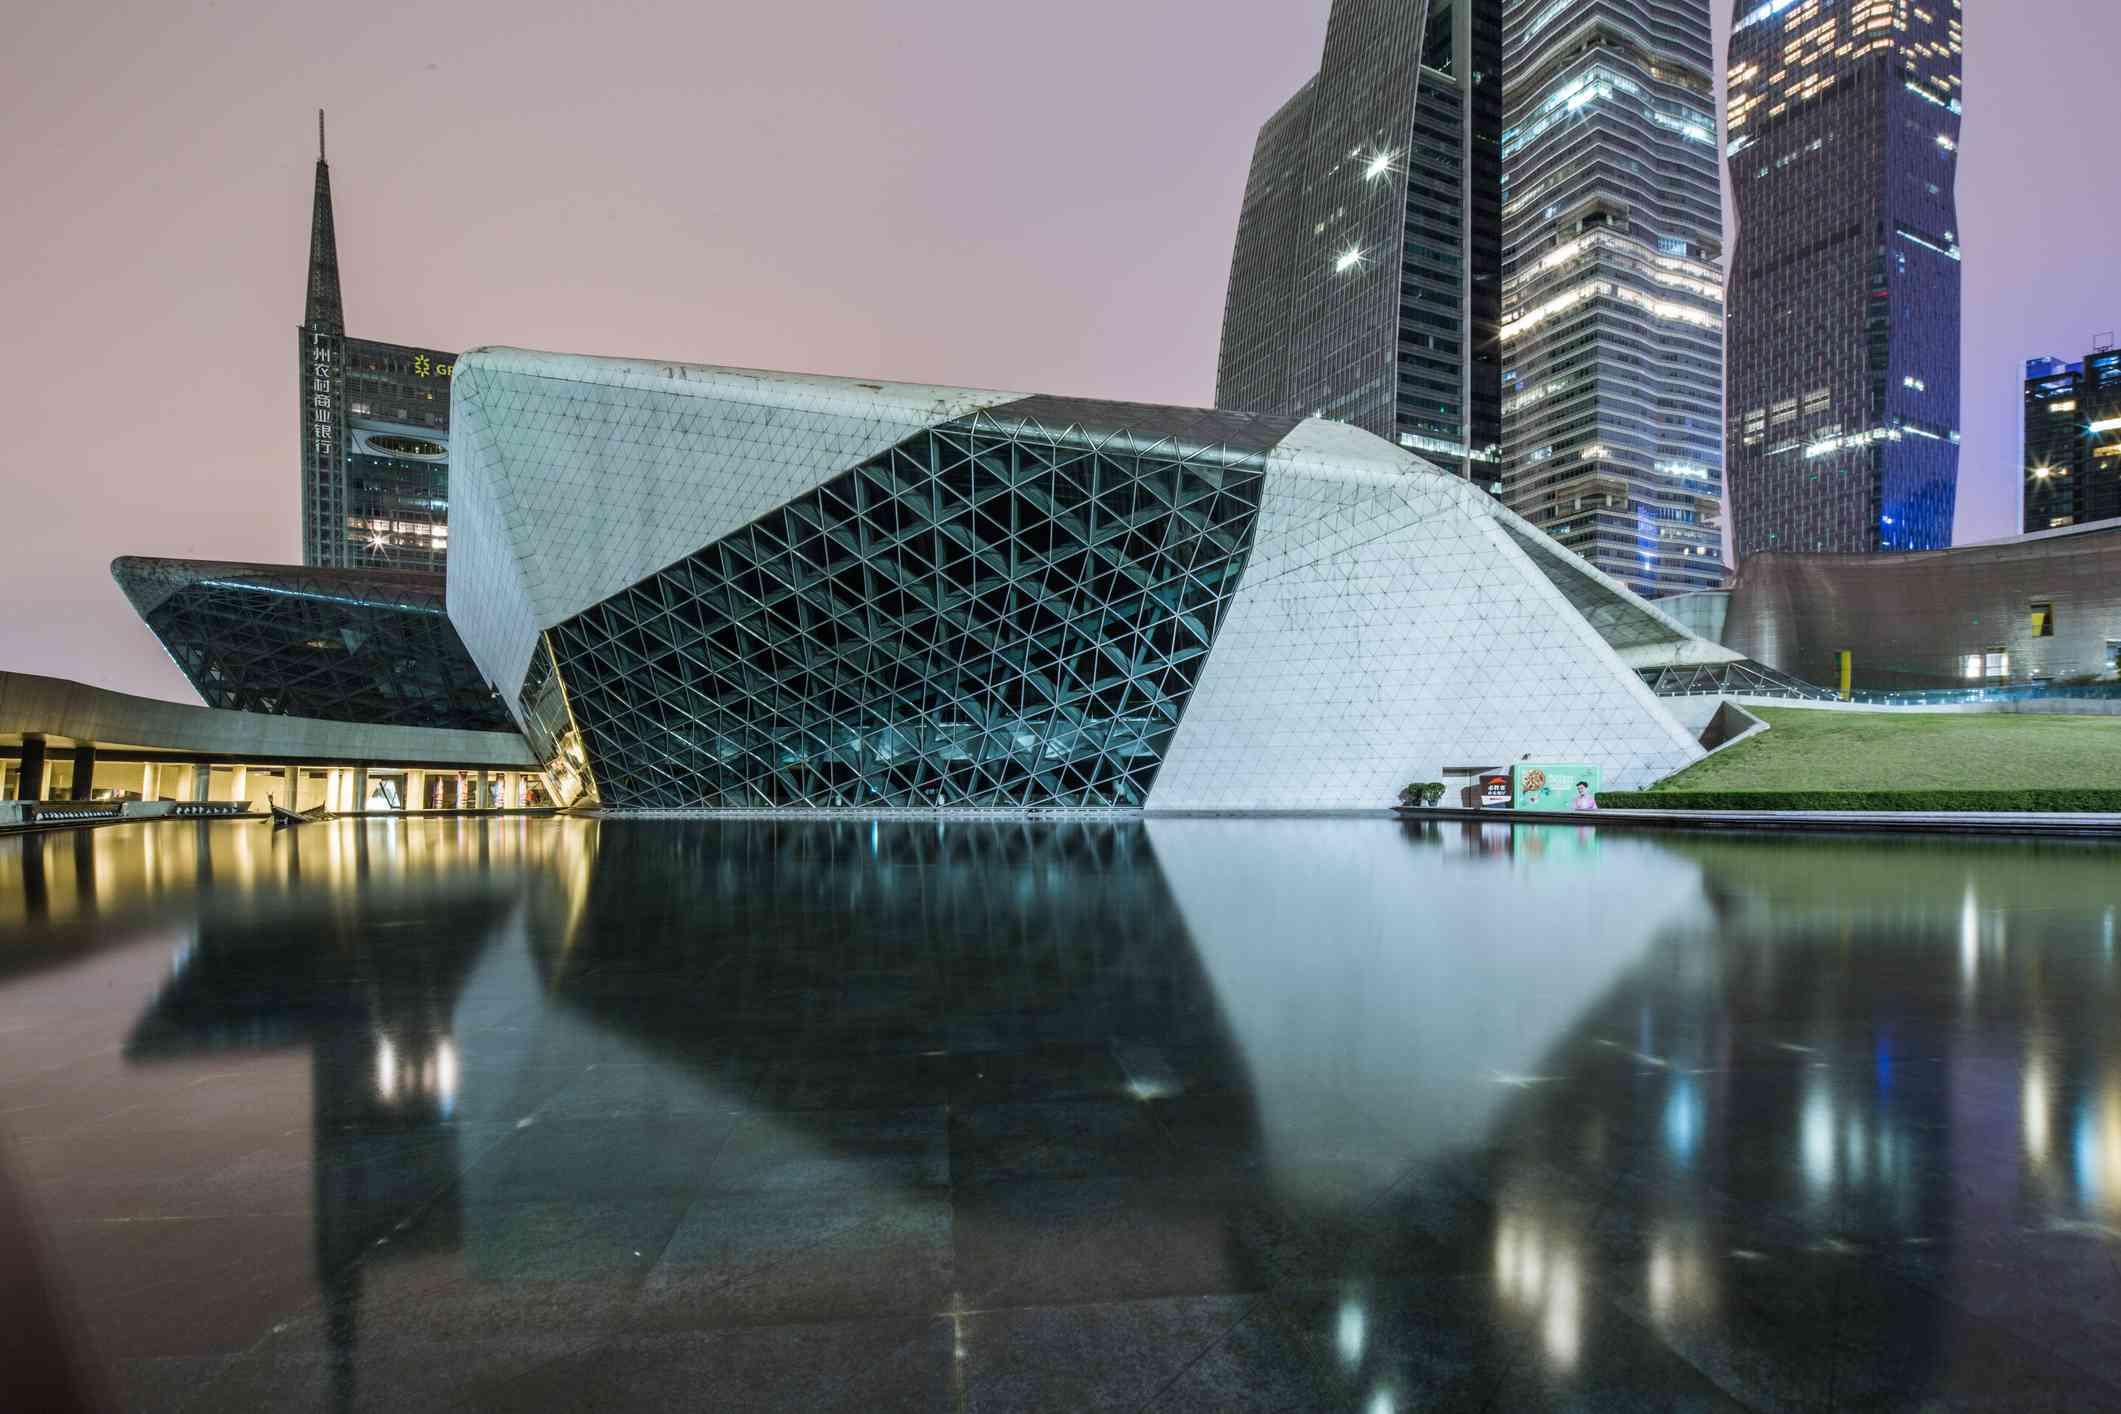 Night at the Guangzhou Opera House